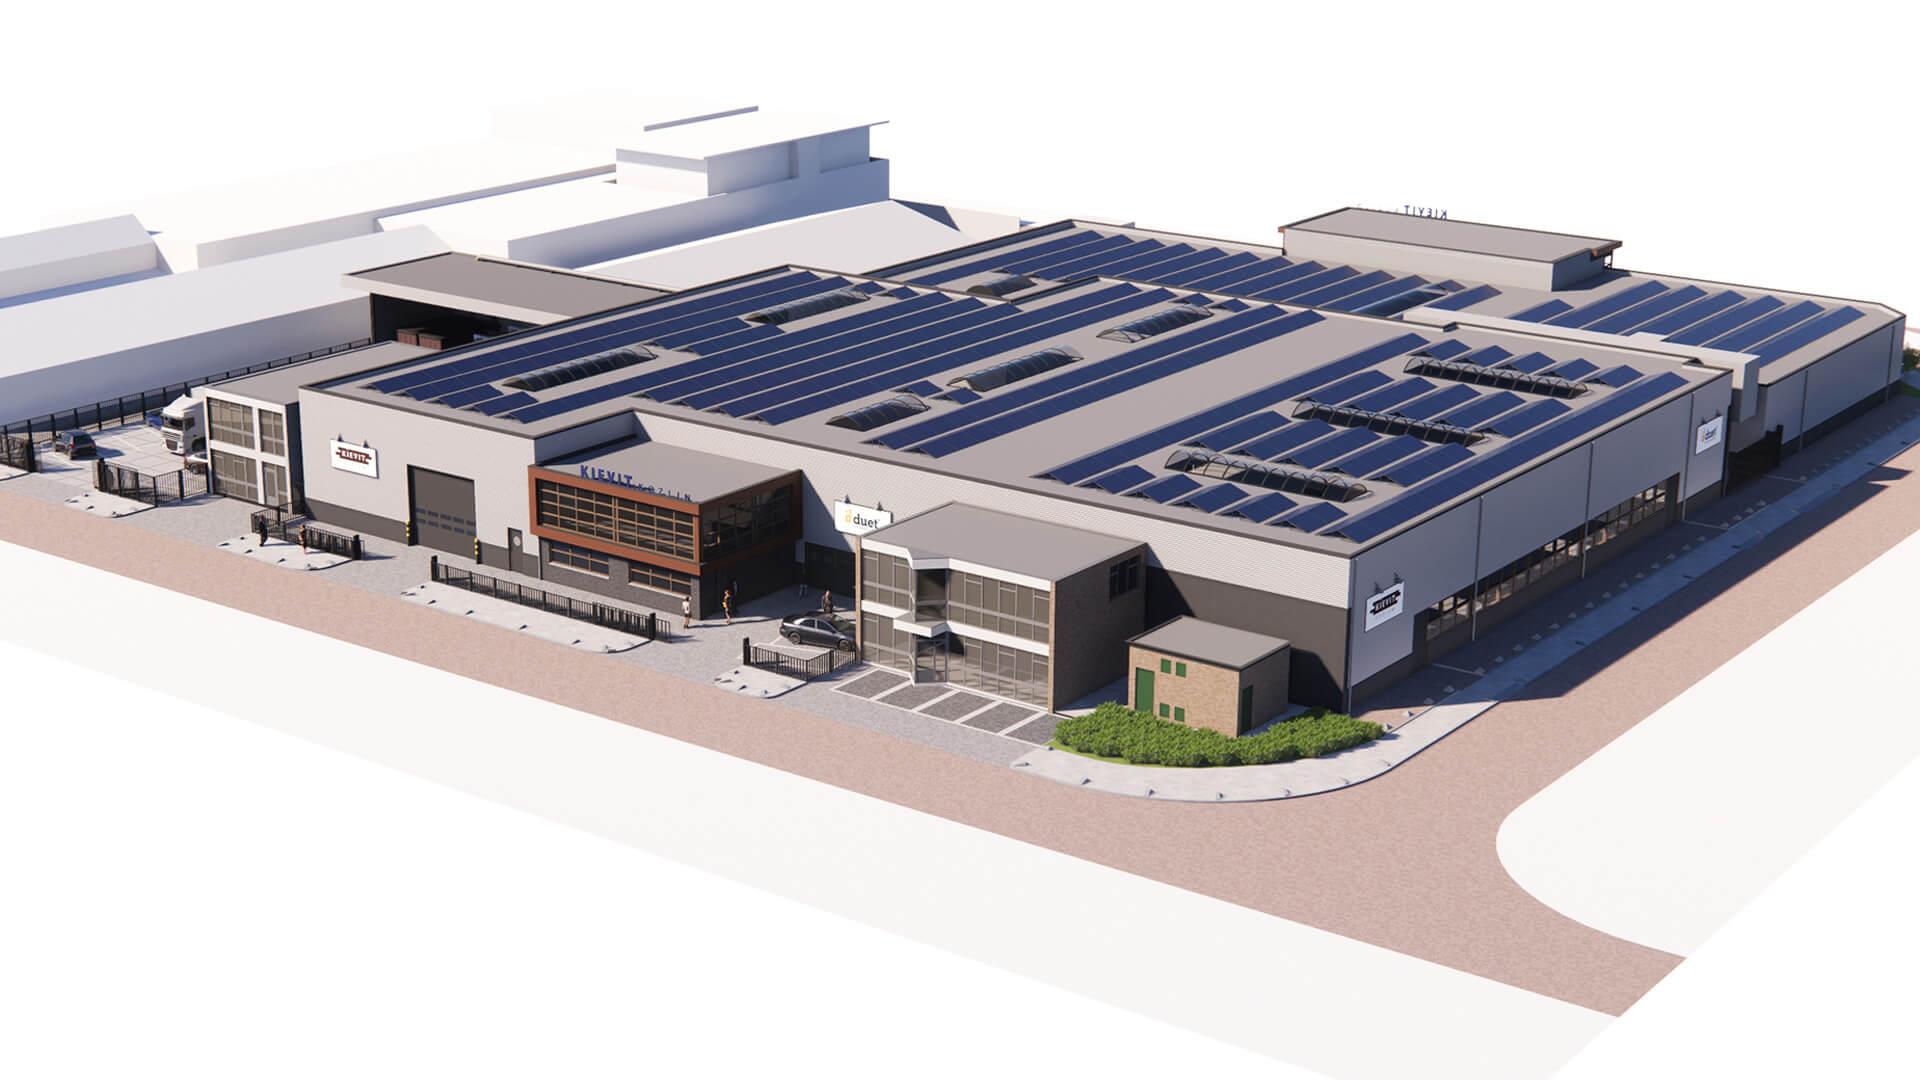 Nieuwbouw kozijnfabriek render voorzijde voor duet en Kievit kozijnen